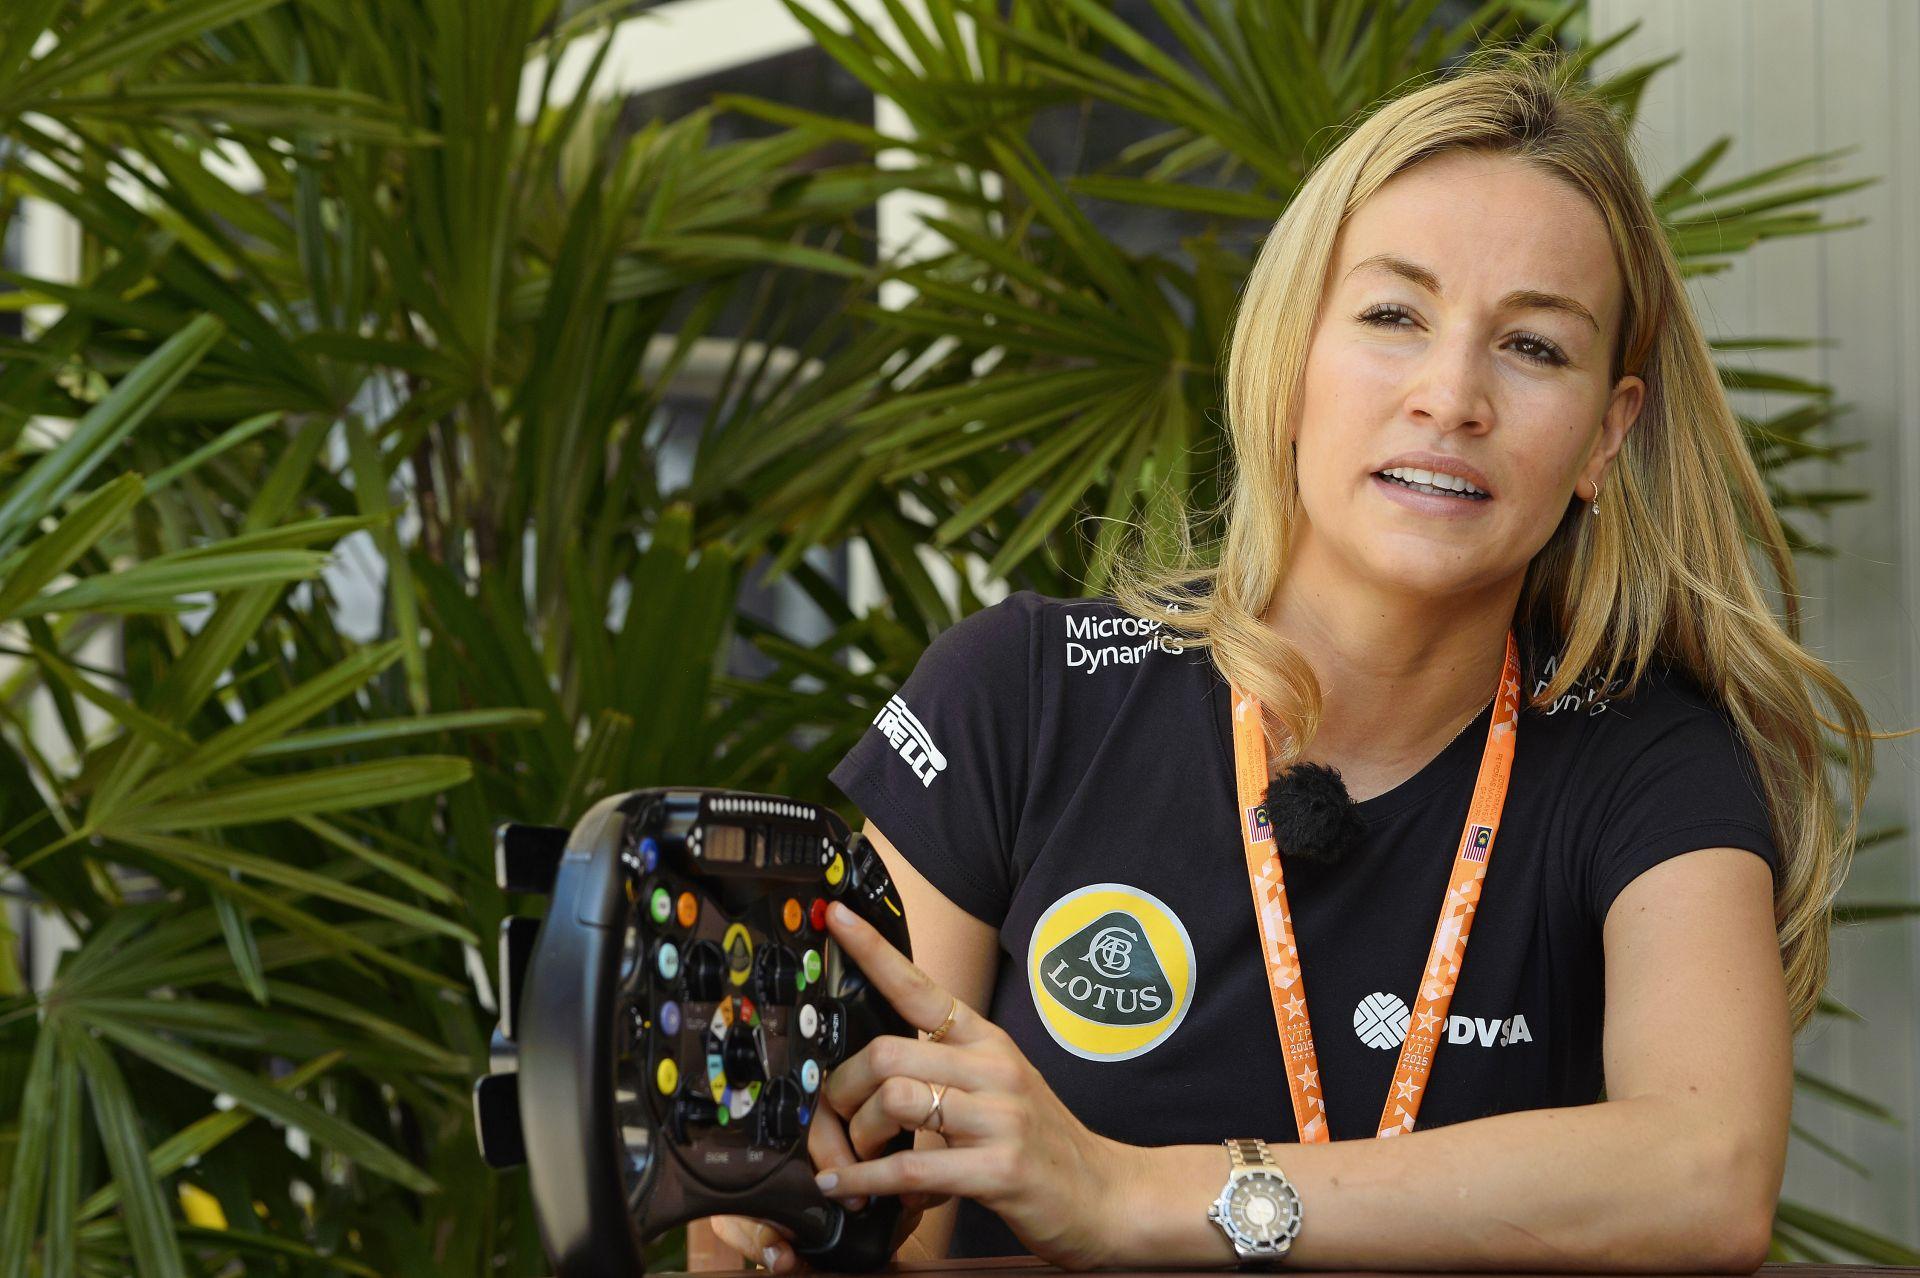 Ha a szépség számítana, Carmen biztosan ülést kapna az F1-ben